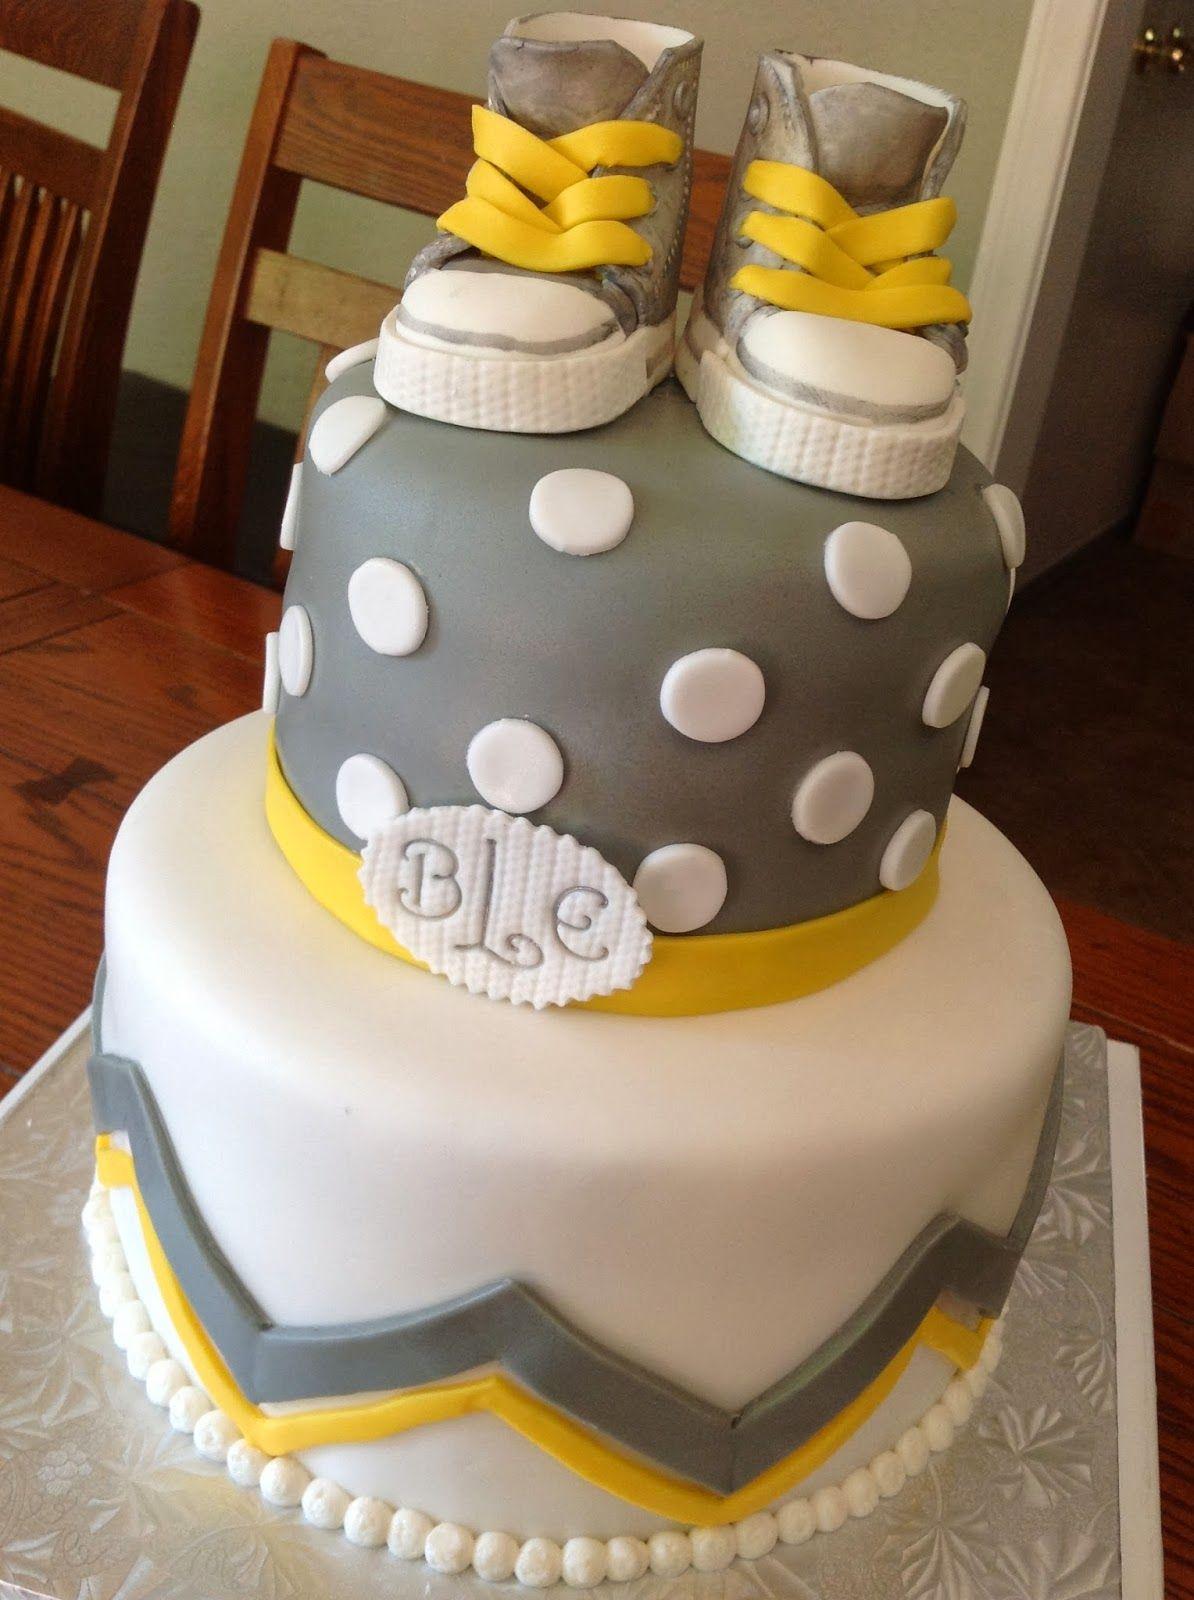 GRAY AND YELLOW BABY SHOWER | Plumeria Cake Studio: Gray and